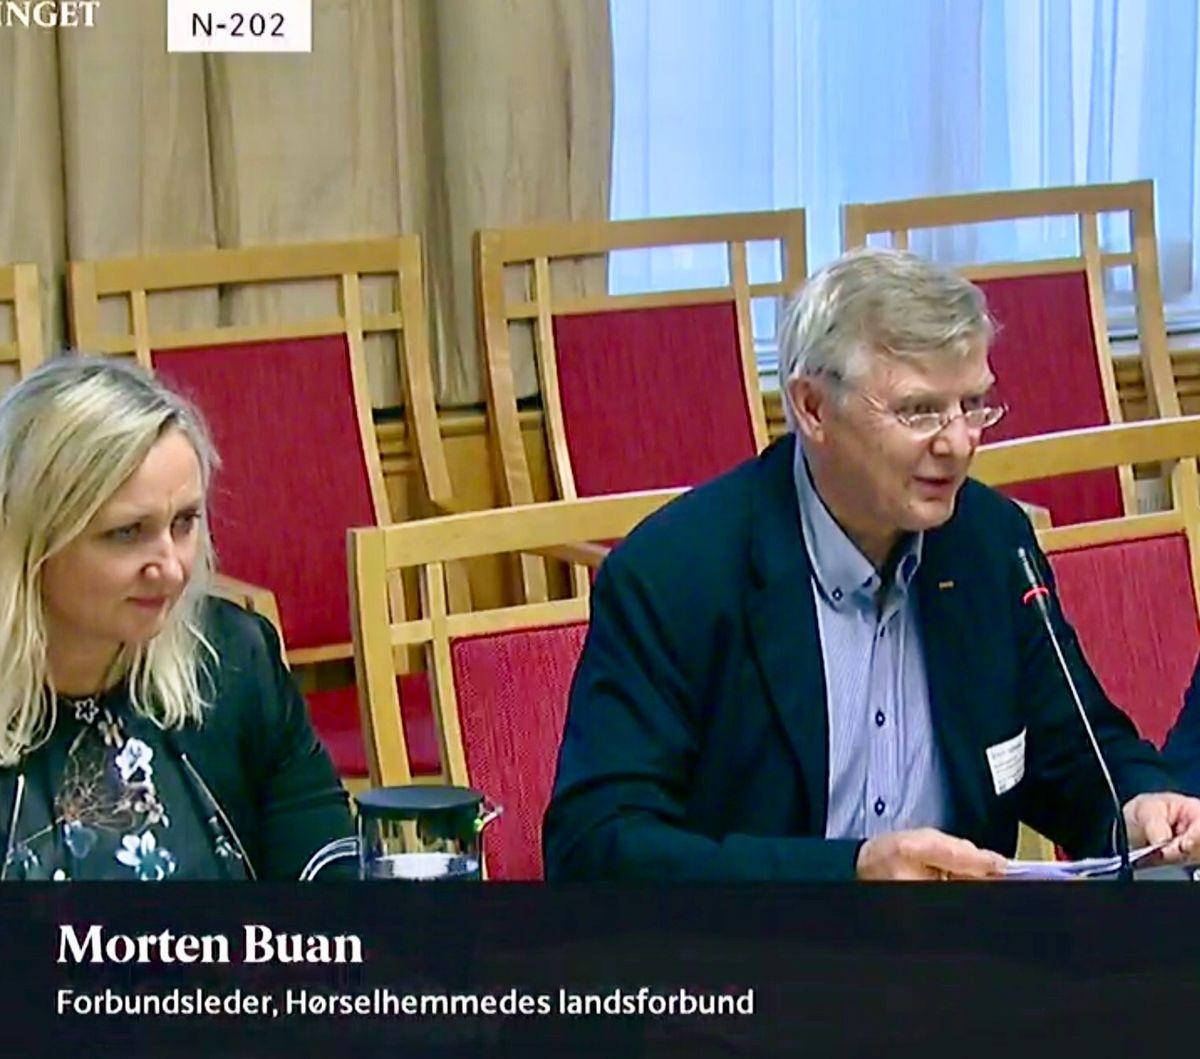 STORTINGSHØRINGER. HLF skal delta i seks høringer om statsbudsjettet for 2019, og starter med arbeids- og sosialkomiteen i dag. Forbundsleder Morten Buan og leder av HLFs interessepolitiske avdeling, Merete J. Orholm, er her avbildet på en høring ifjor.